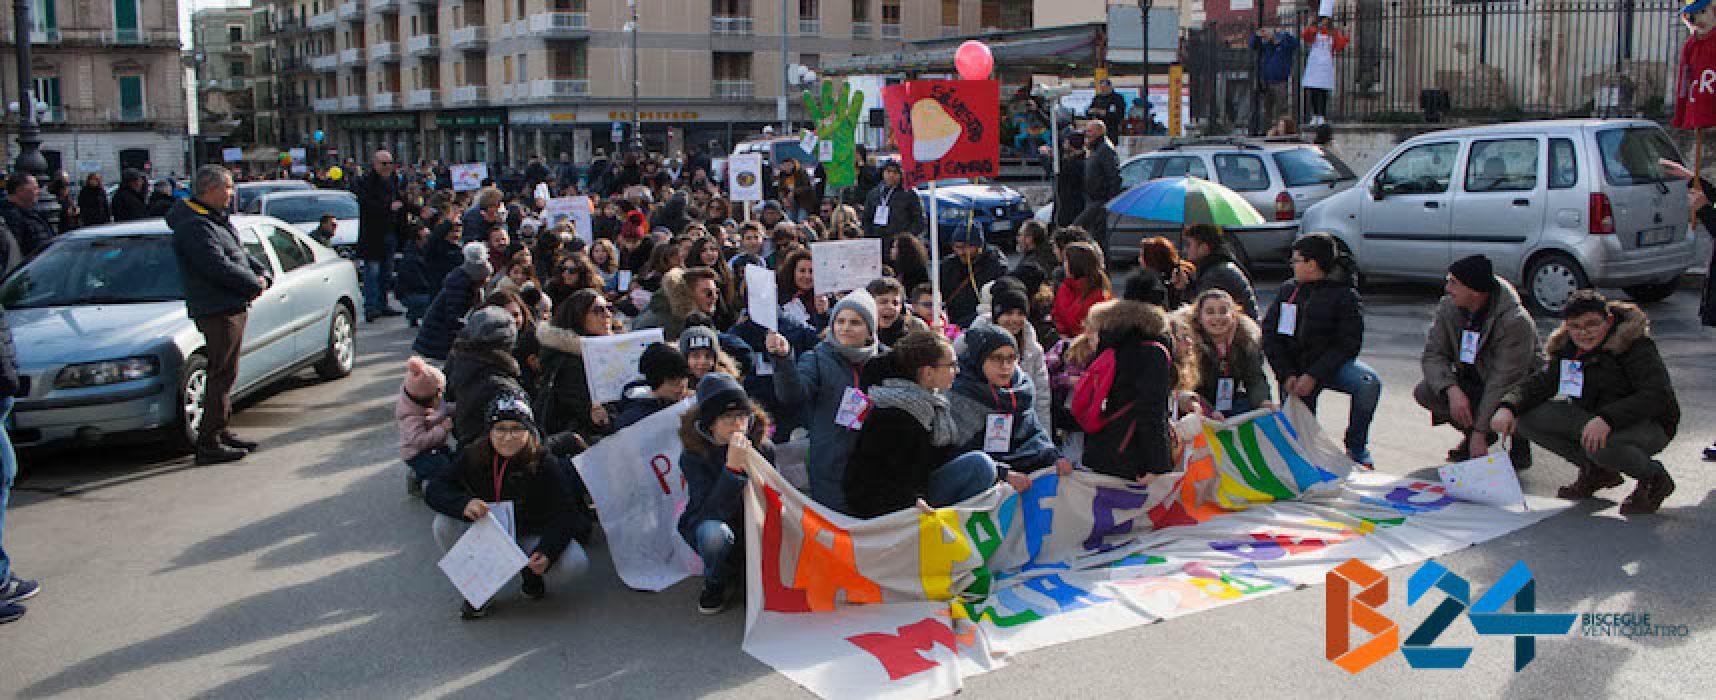 Azione Cattolica, la festa della pace anima le vie del centro / FOTO